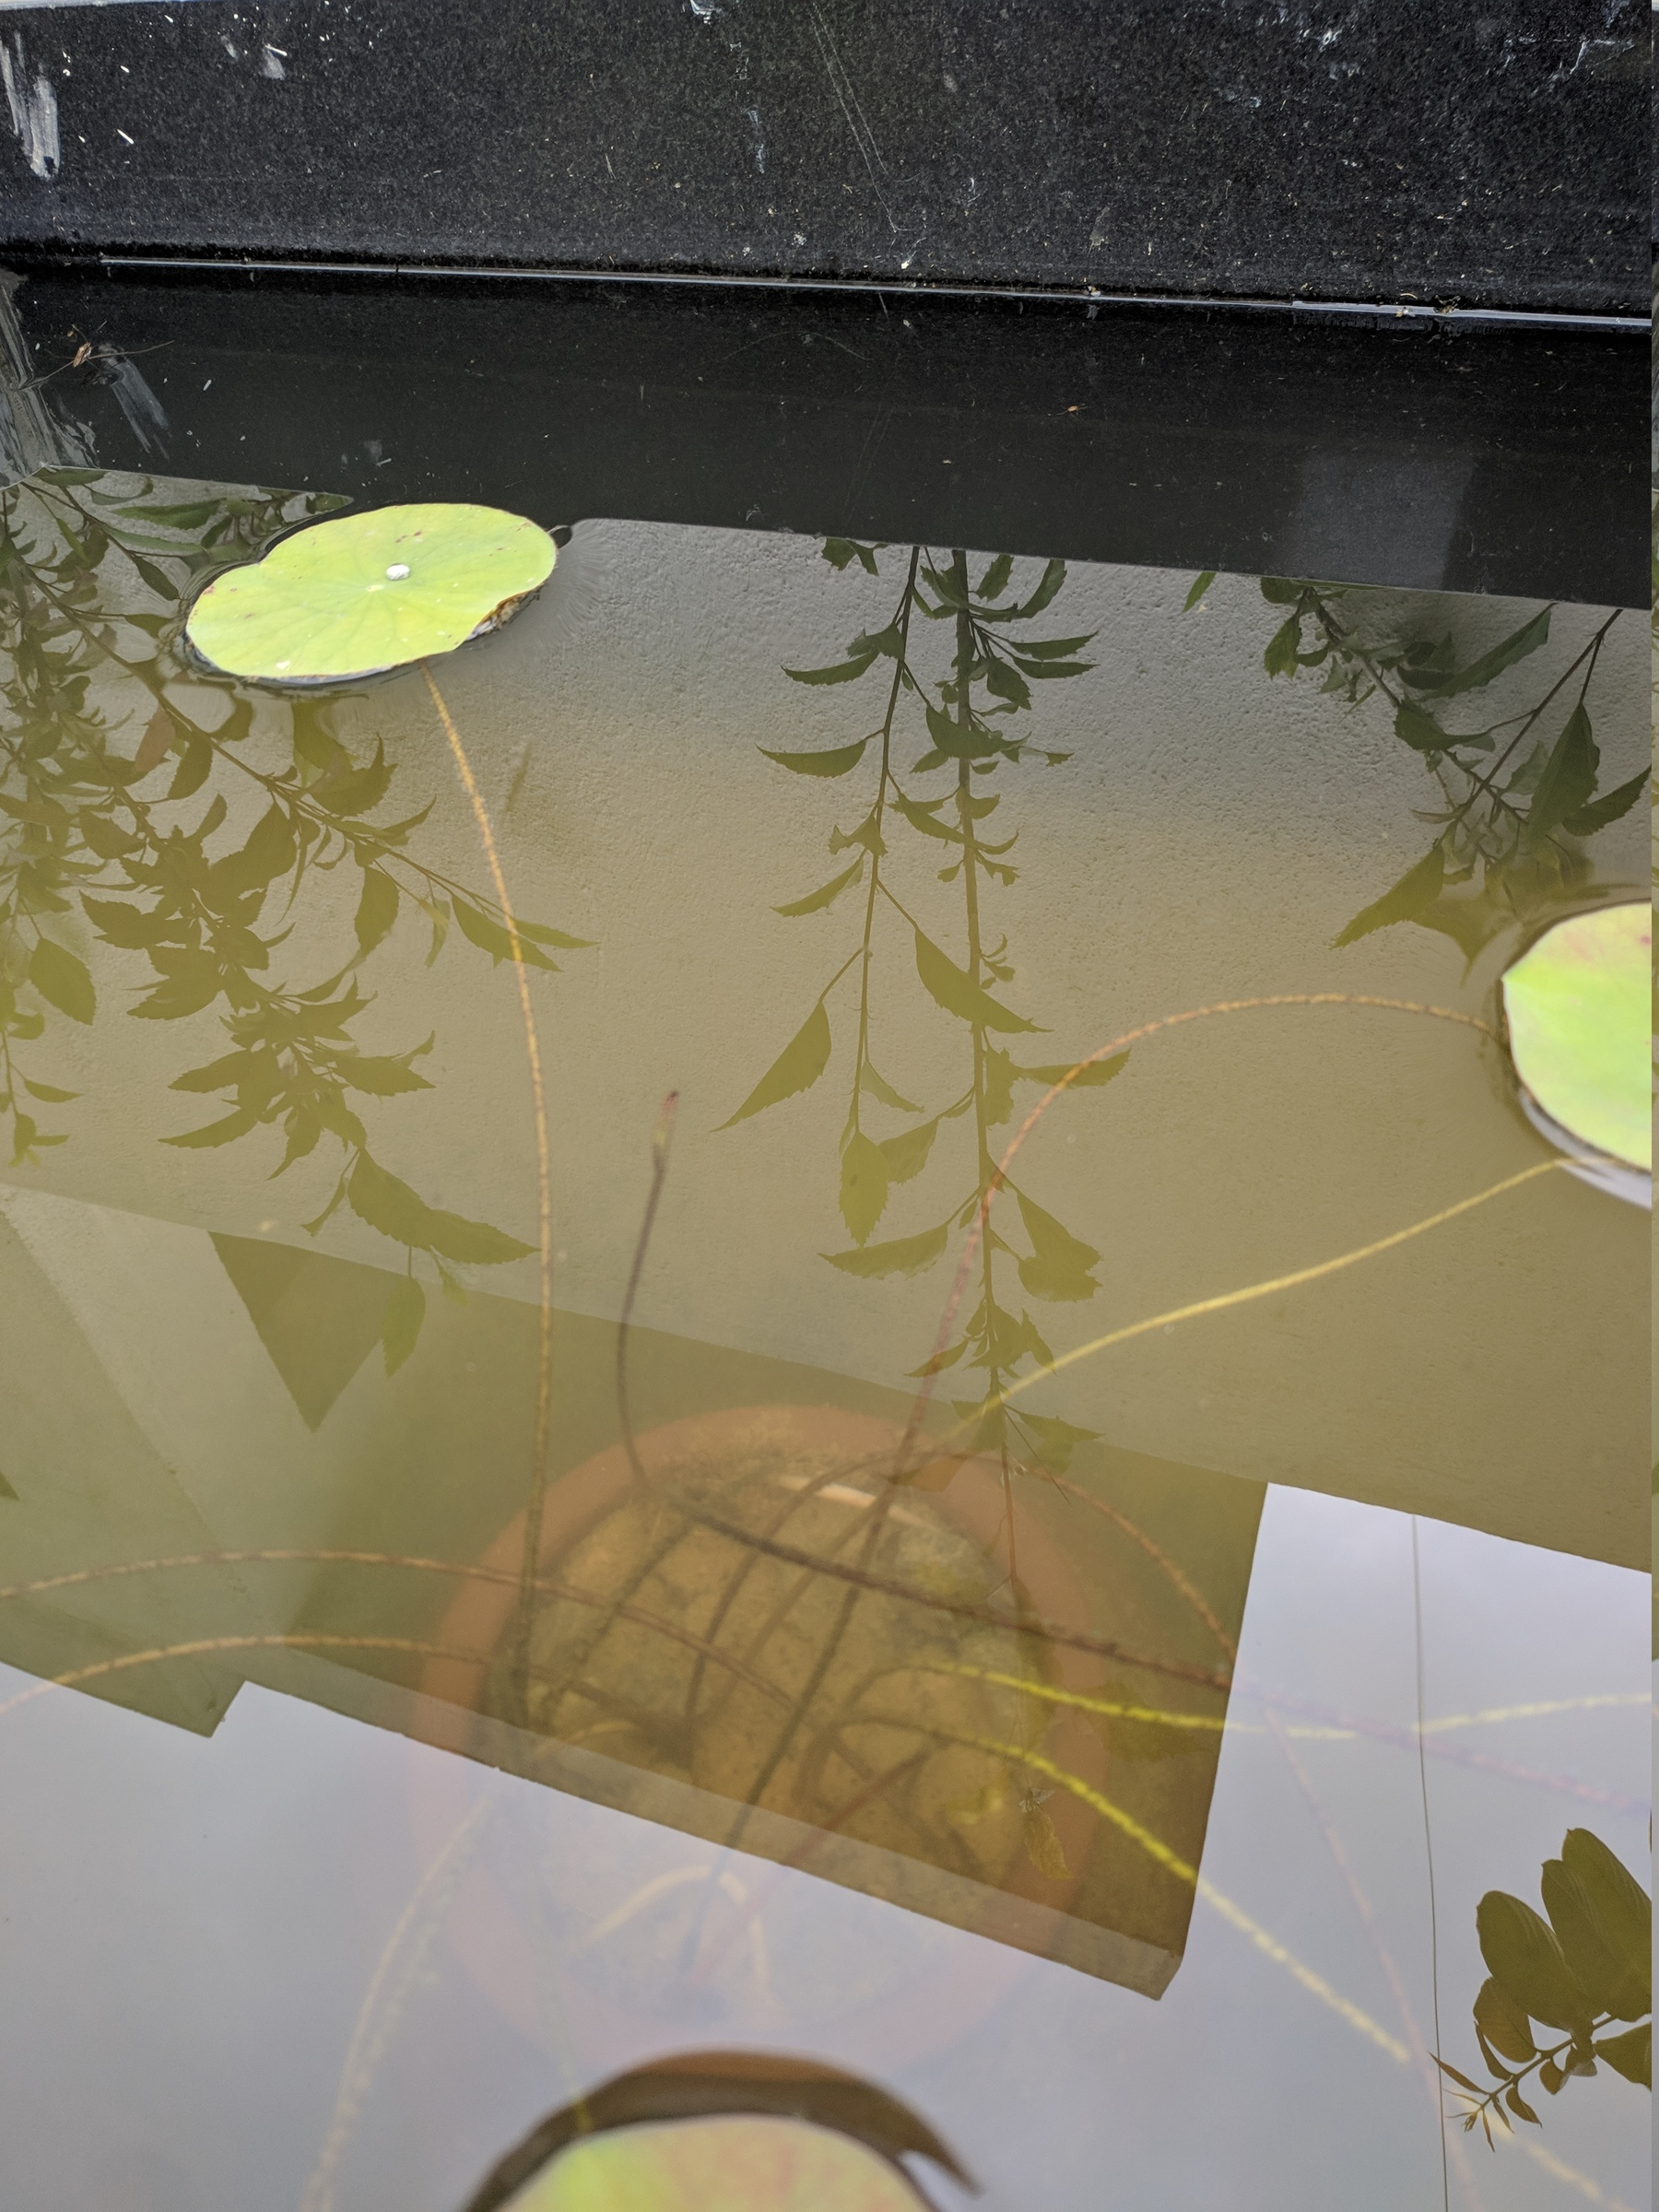 Lotus Shoot Inside Water